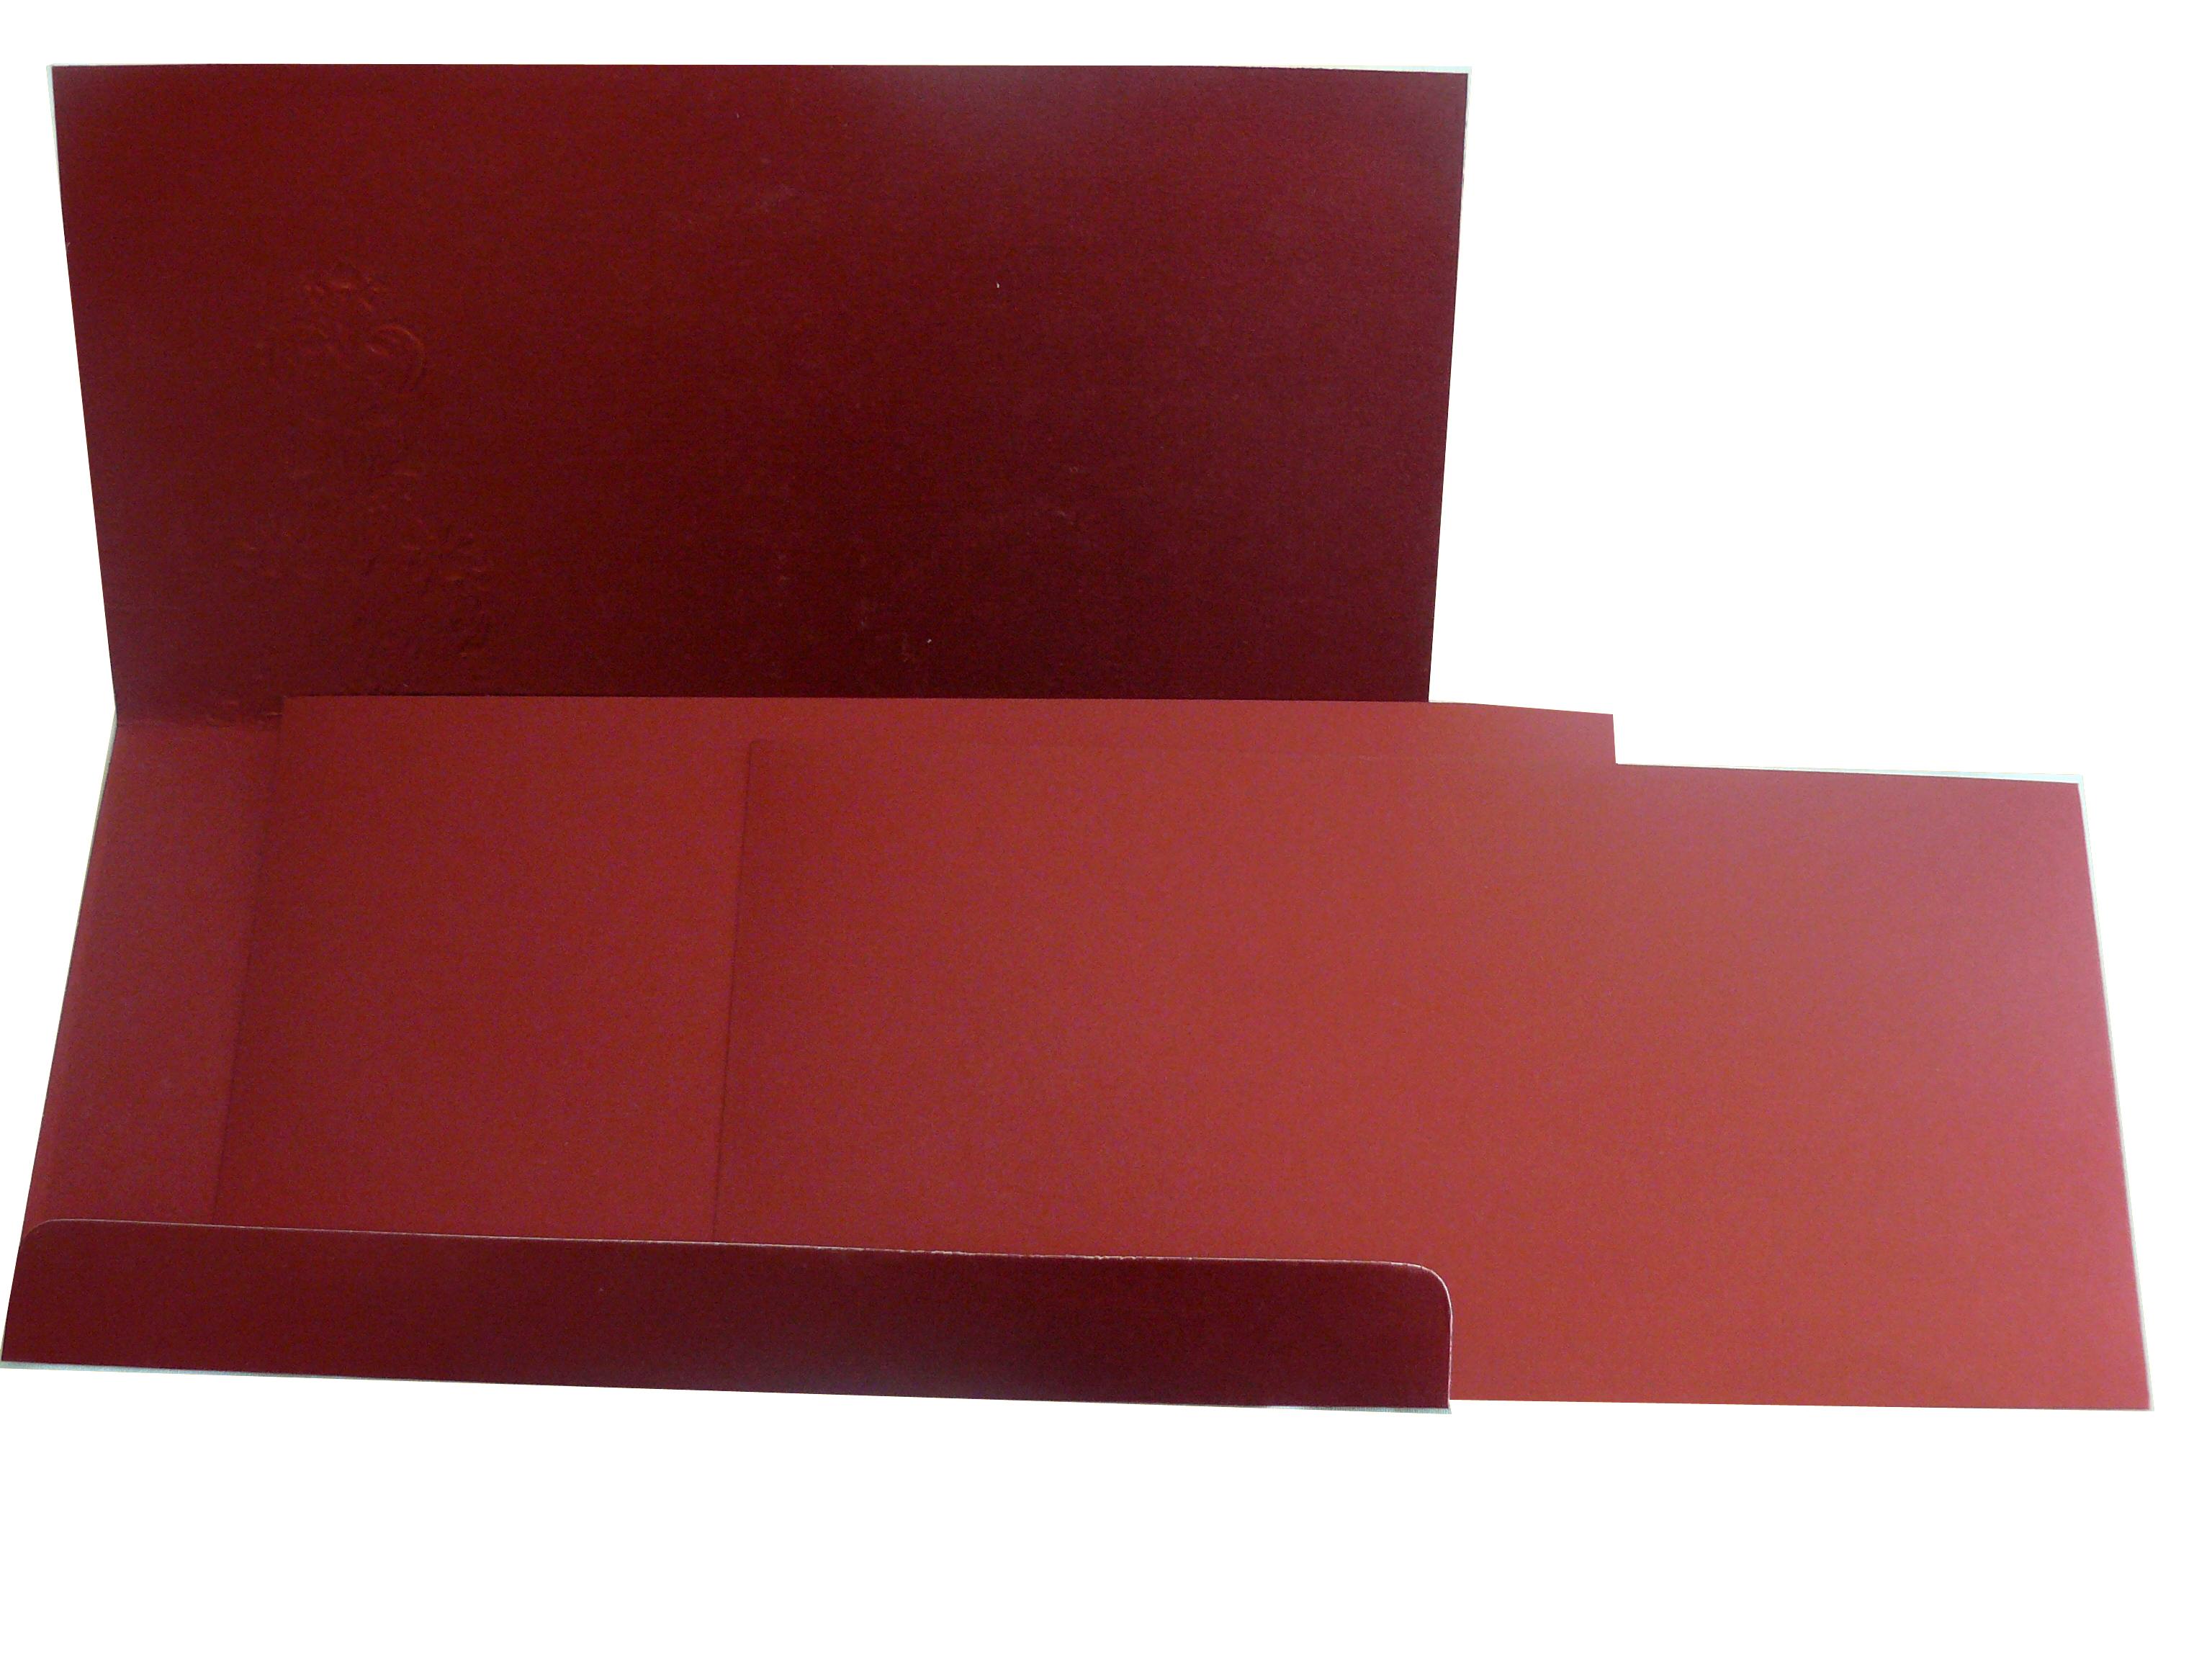 sc-1432-burgundy-inside.jpg